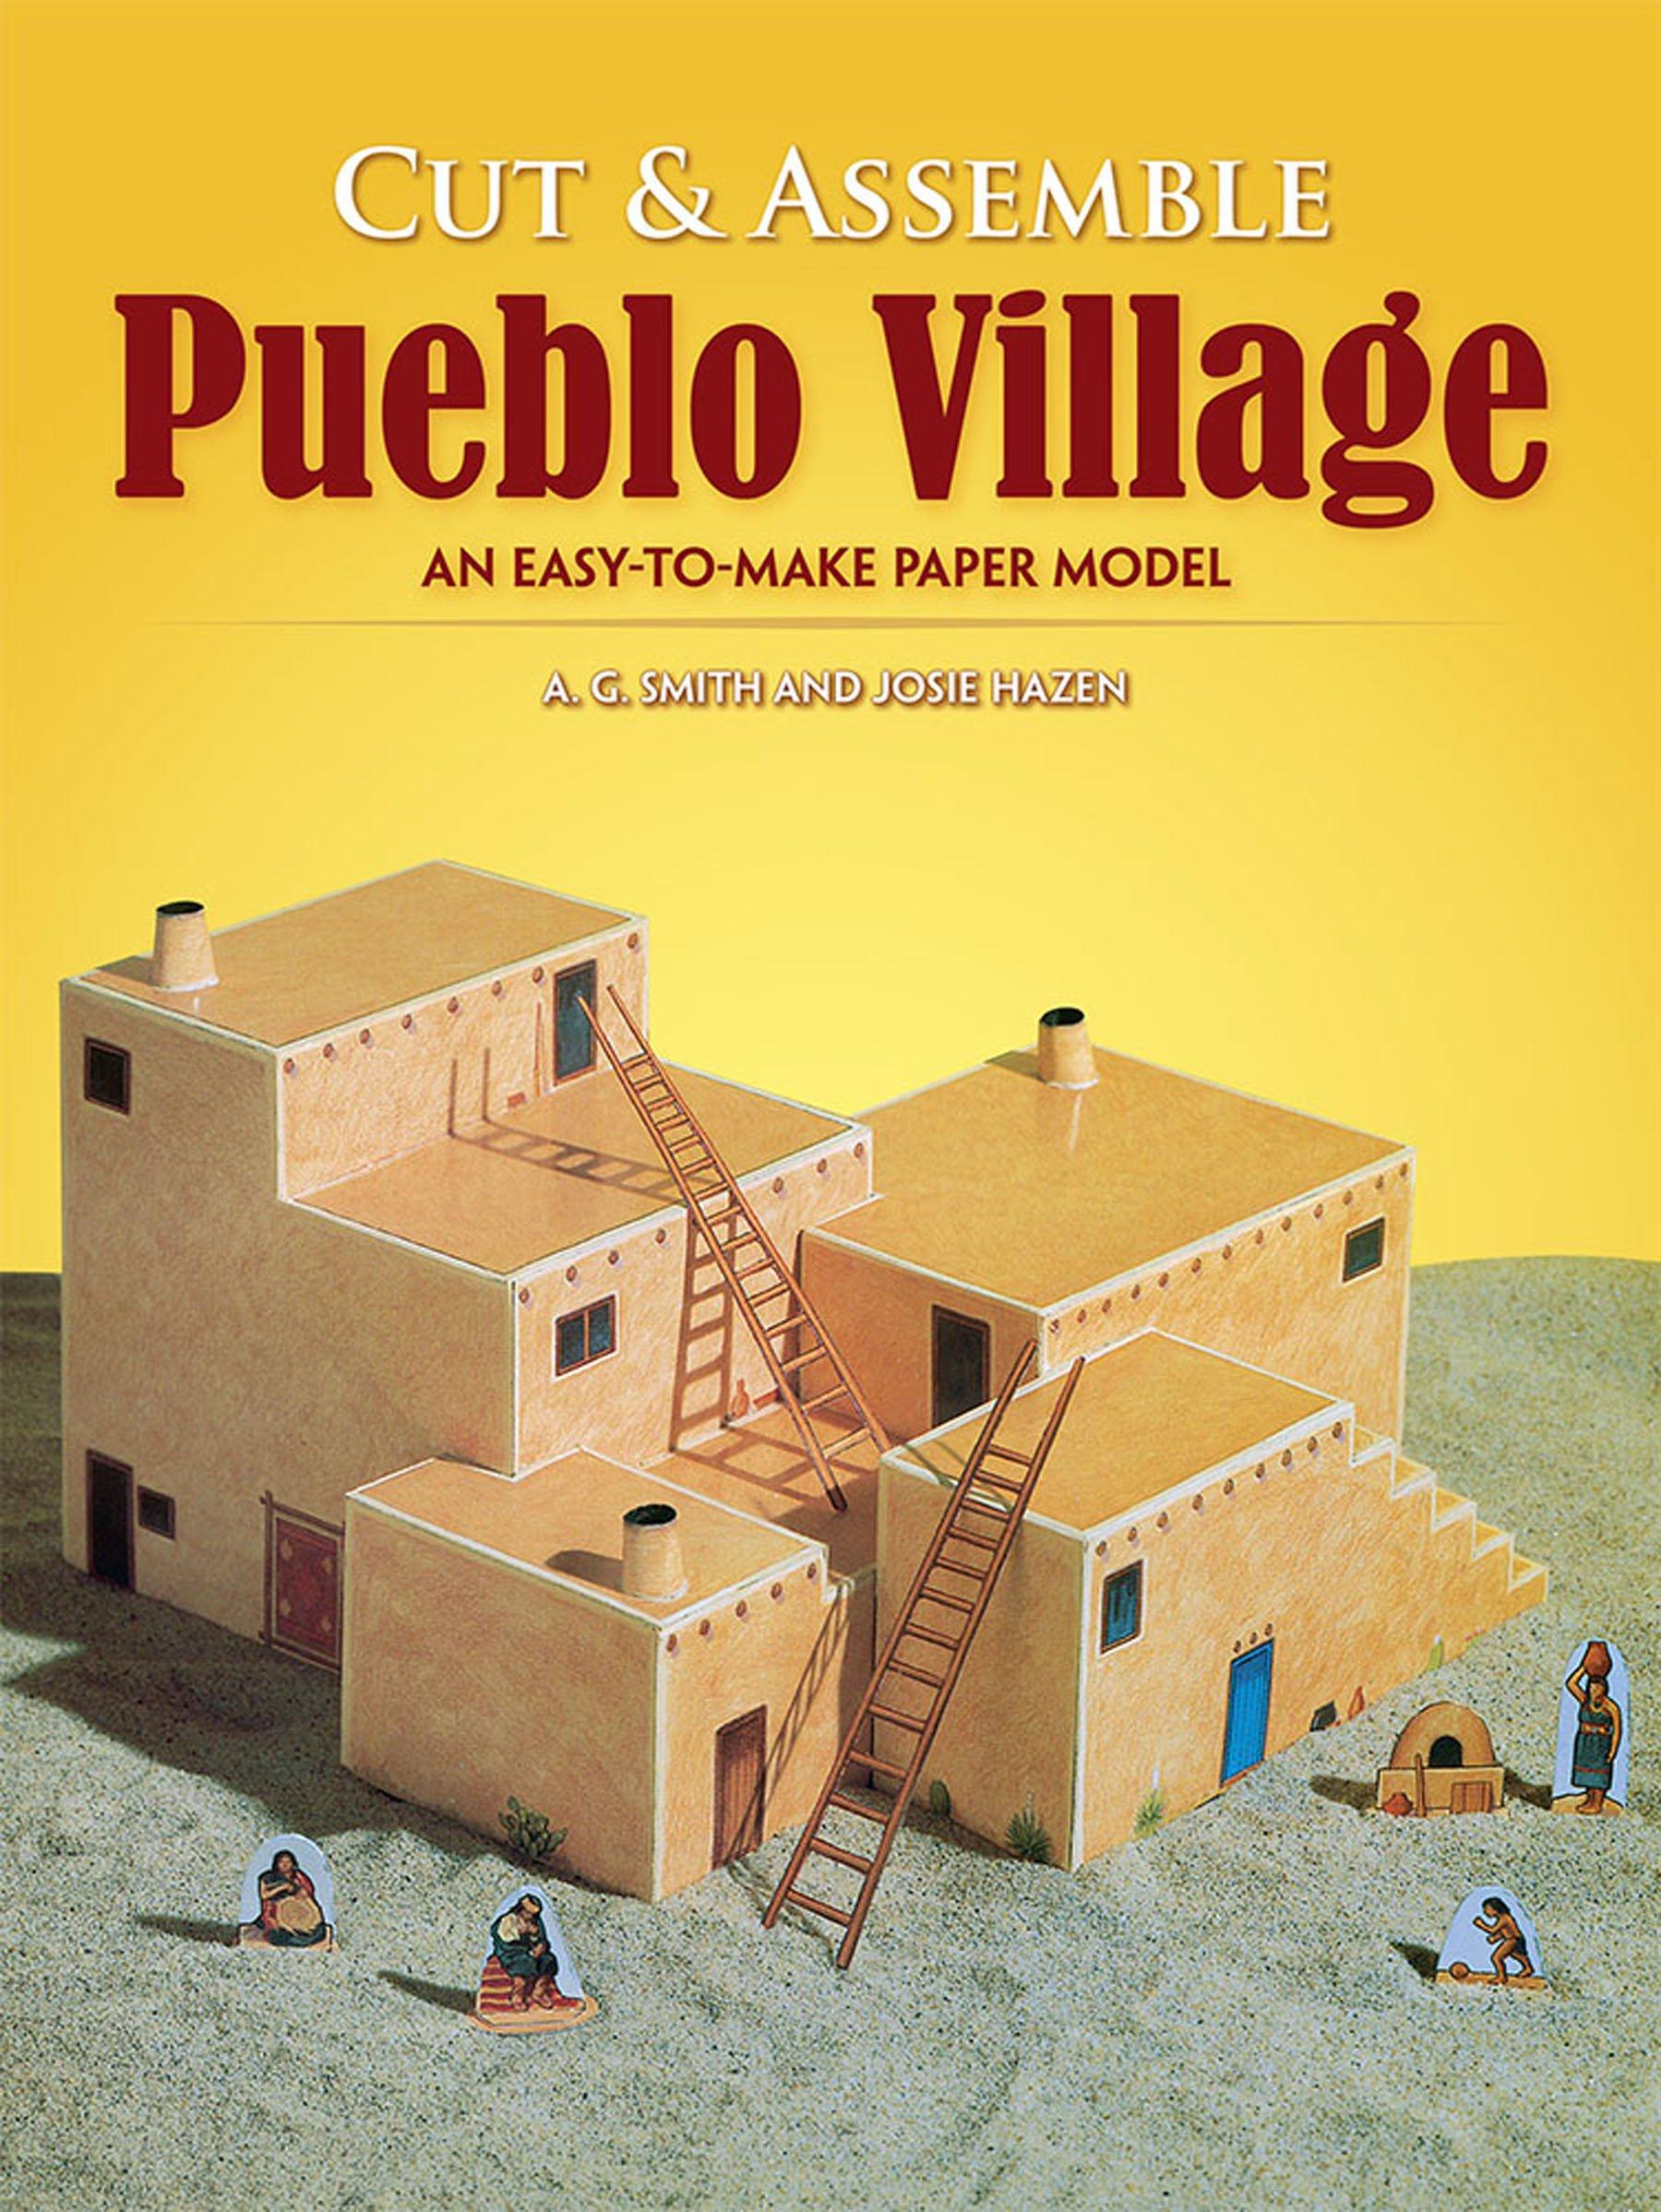 Cut & Assemble Pueblo Village: An Easy-to-Make Paper Model (Dover Children's Activity Books)